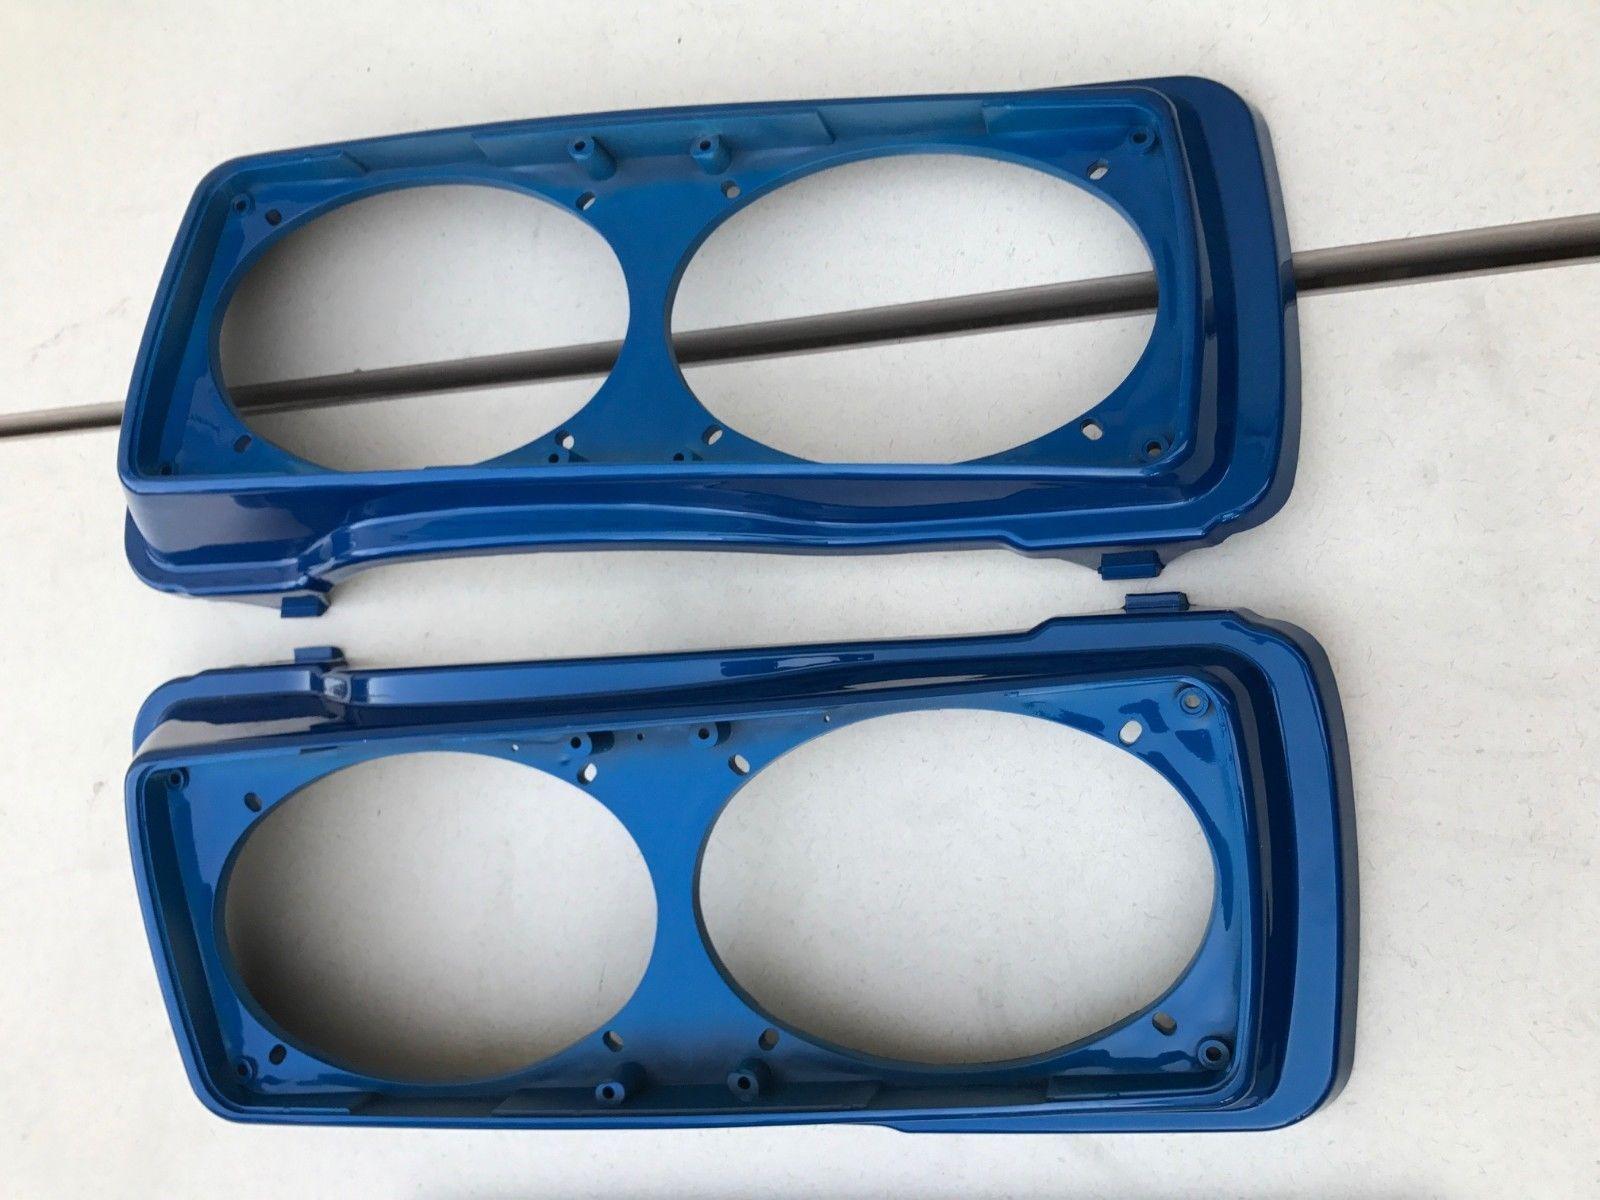 Dual Speaker Lids in Rich Sunglo Blue for Harley HD Street Glide Road King